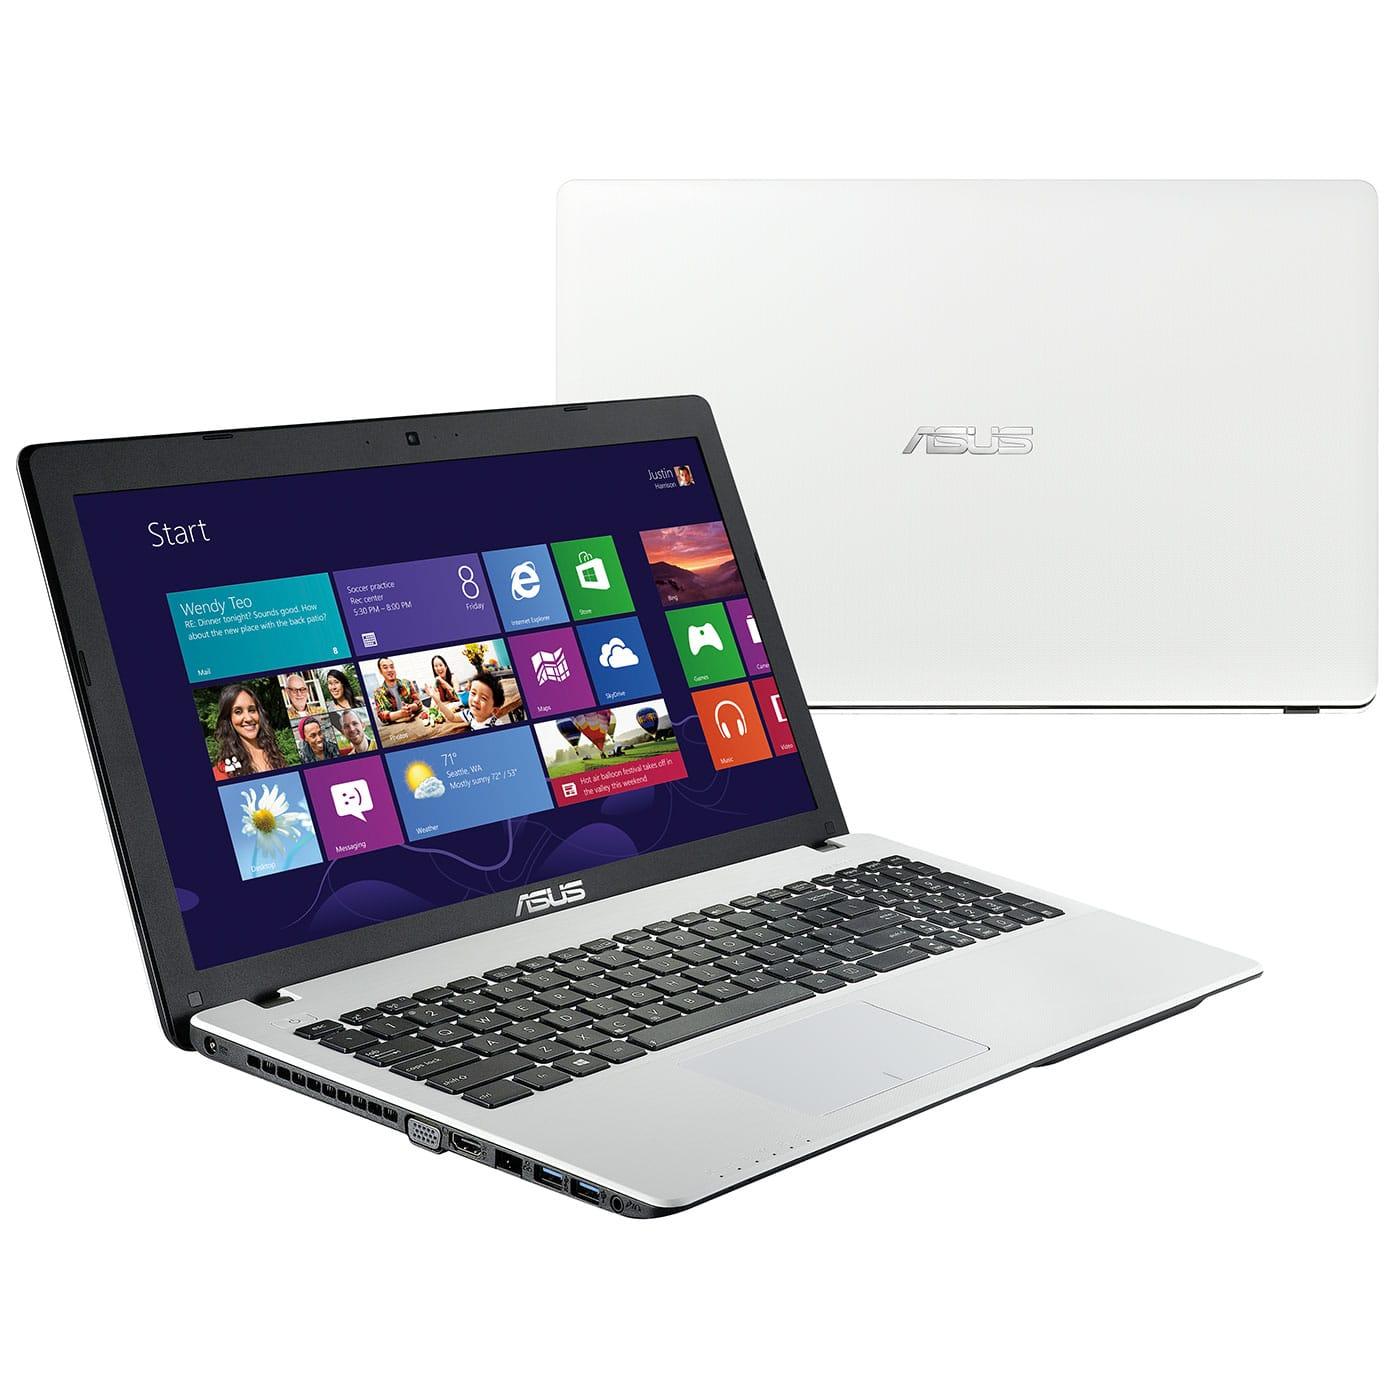 """Asus X552LDV-SX638H à 449€, 15.6"""" avec Core i3 Haswell, 1000 Go et GeForce 820M"""